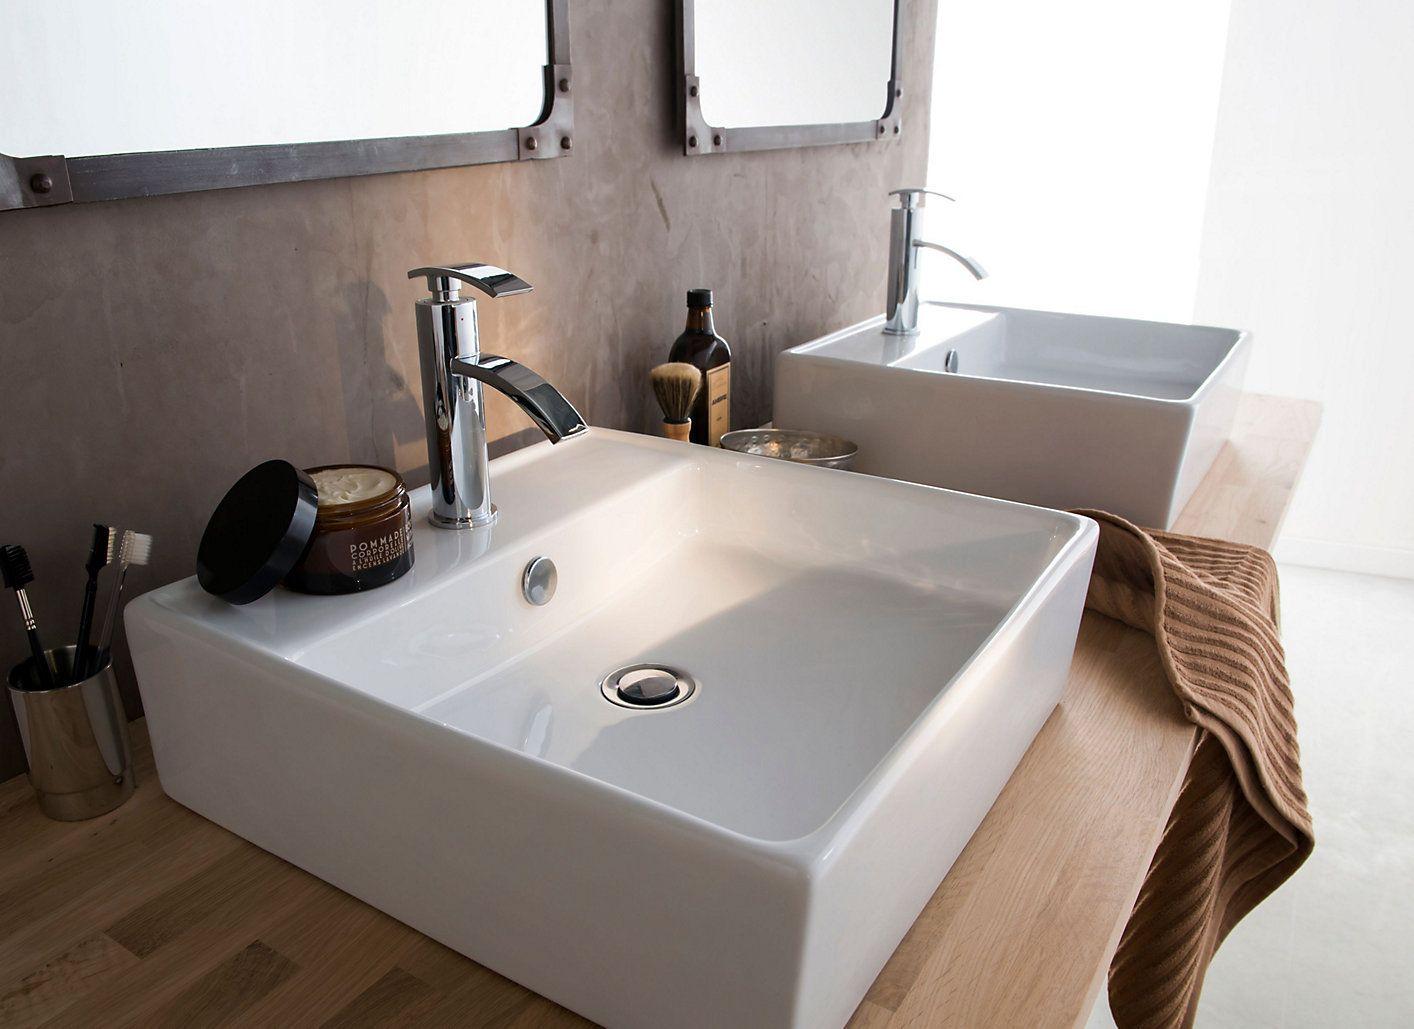 Etagere Pour Vasque A Poser cooke & lewis koura countertop basinwhite   countertop basin